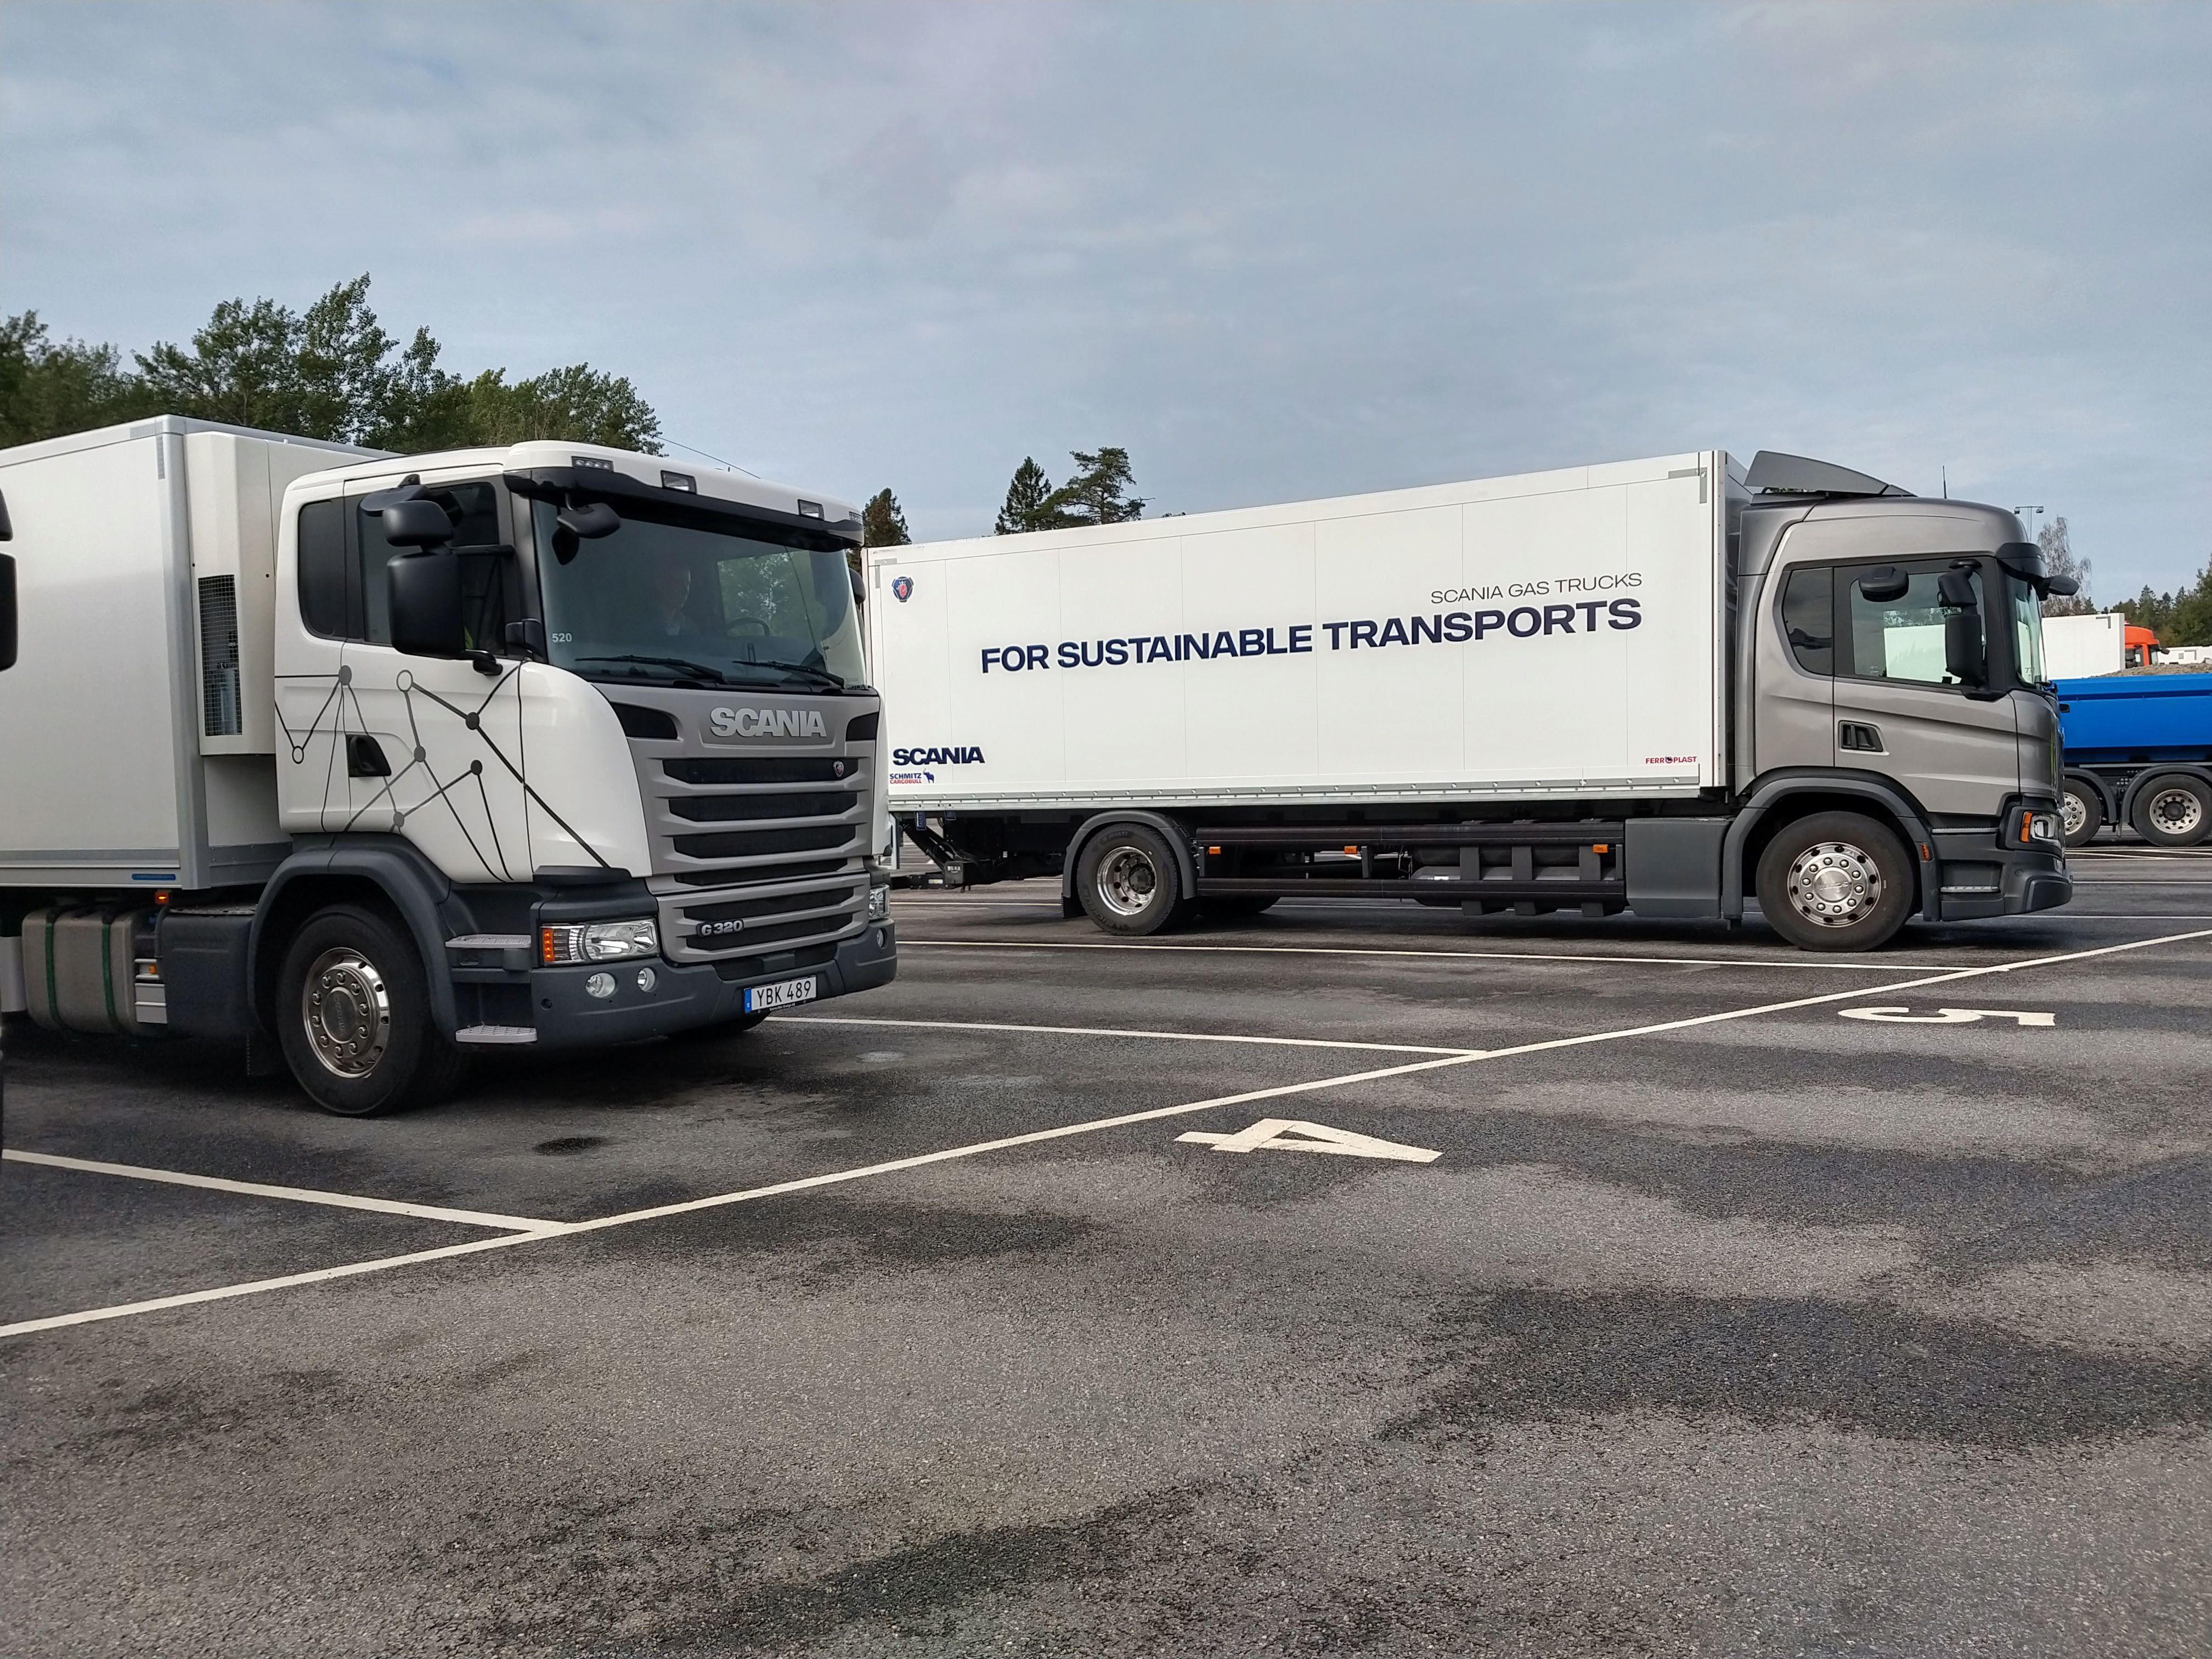 La empresa Scania ya no se define como una empresa de transporte sino de sustentabilidad. Foto: Scania.